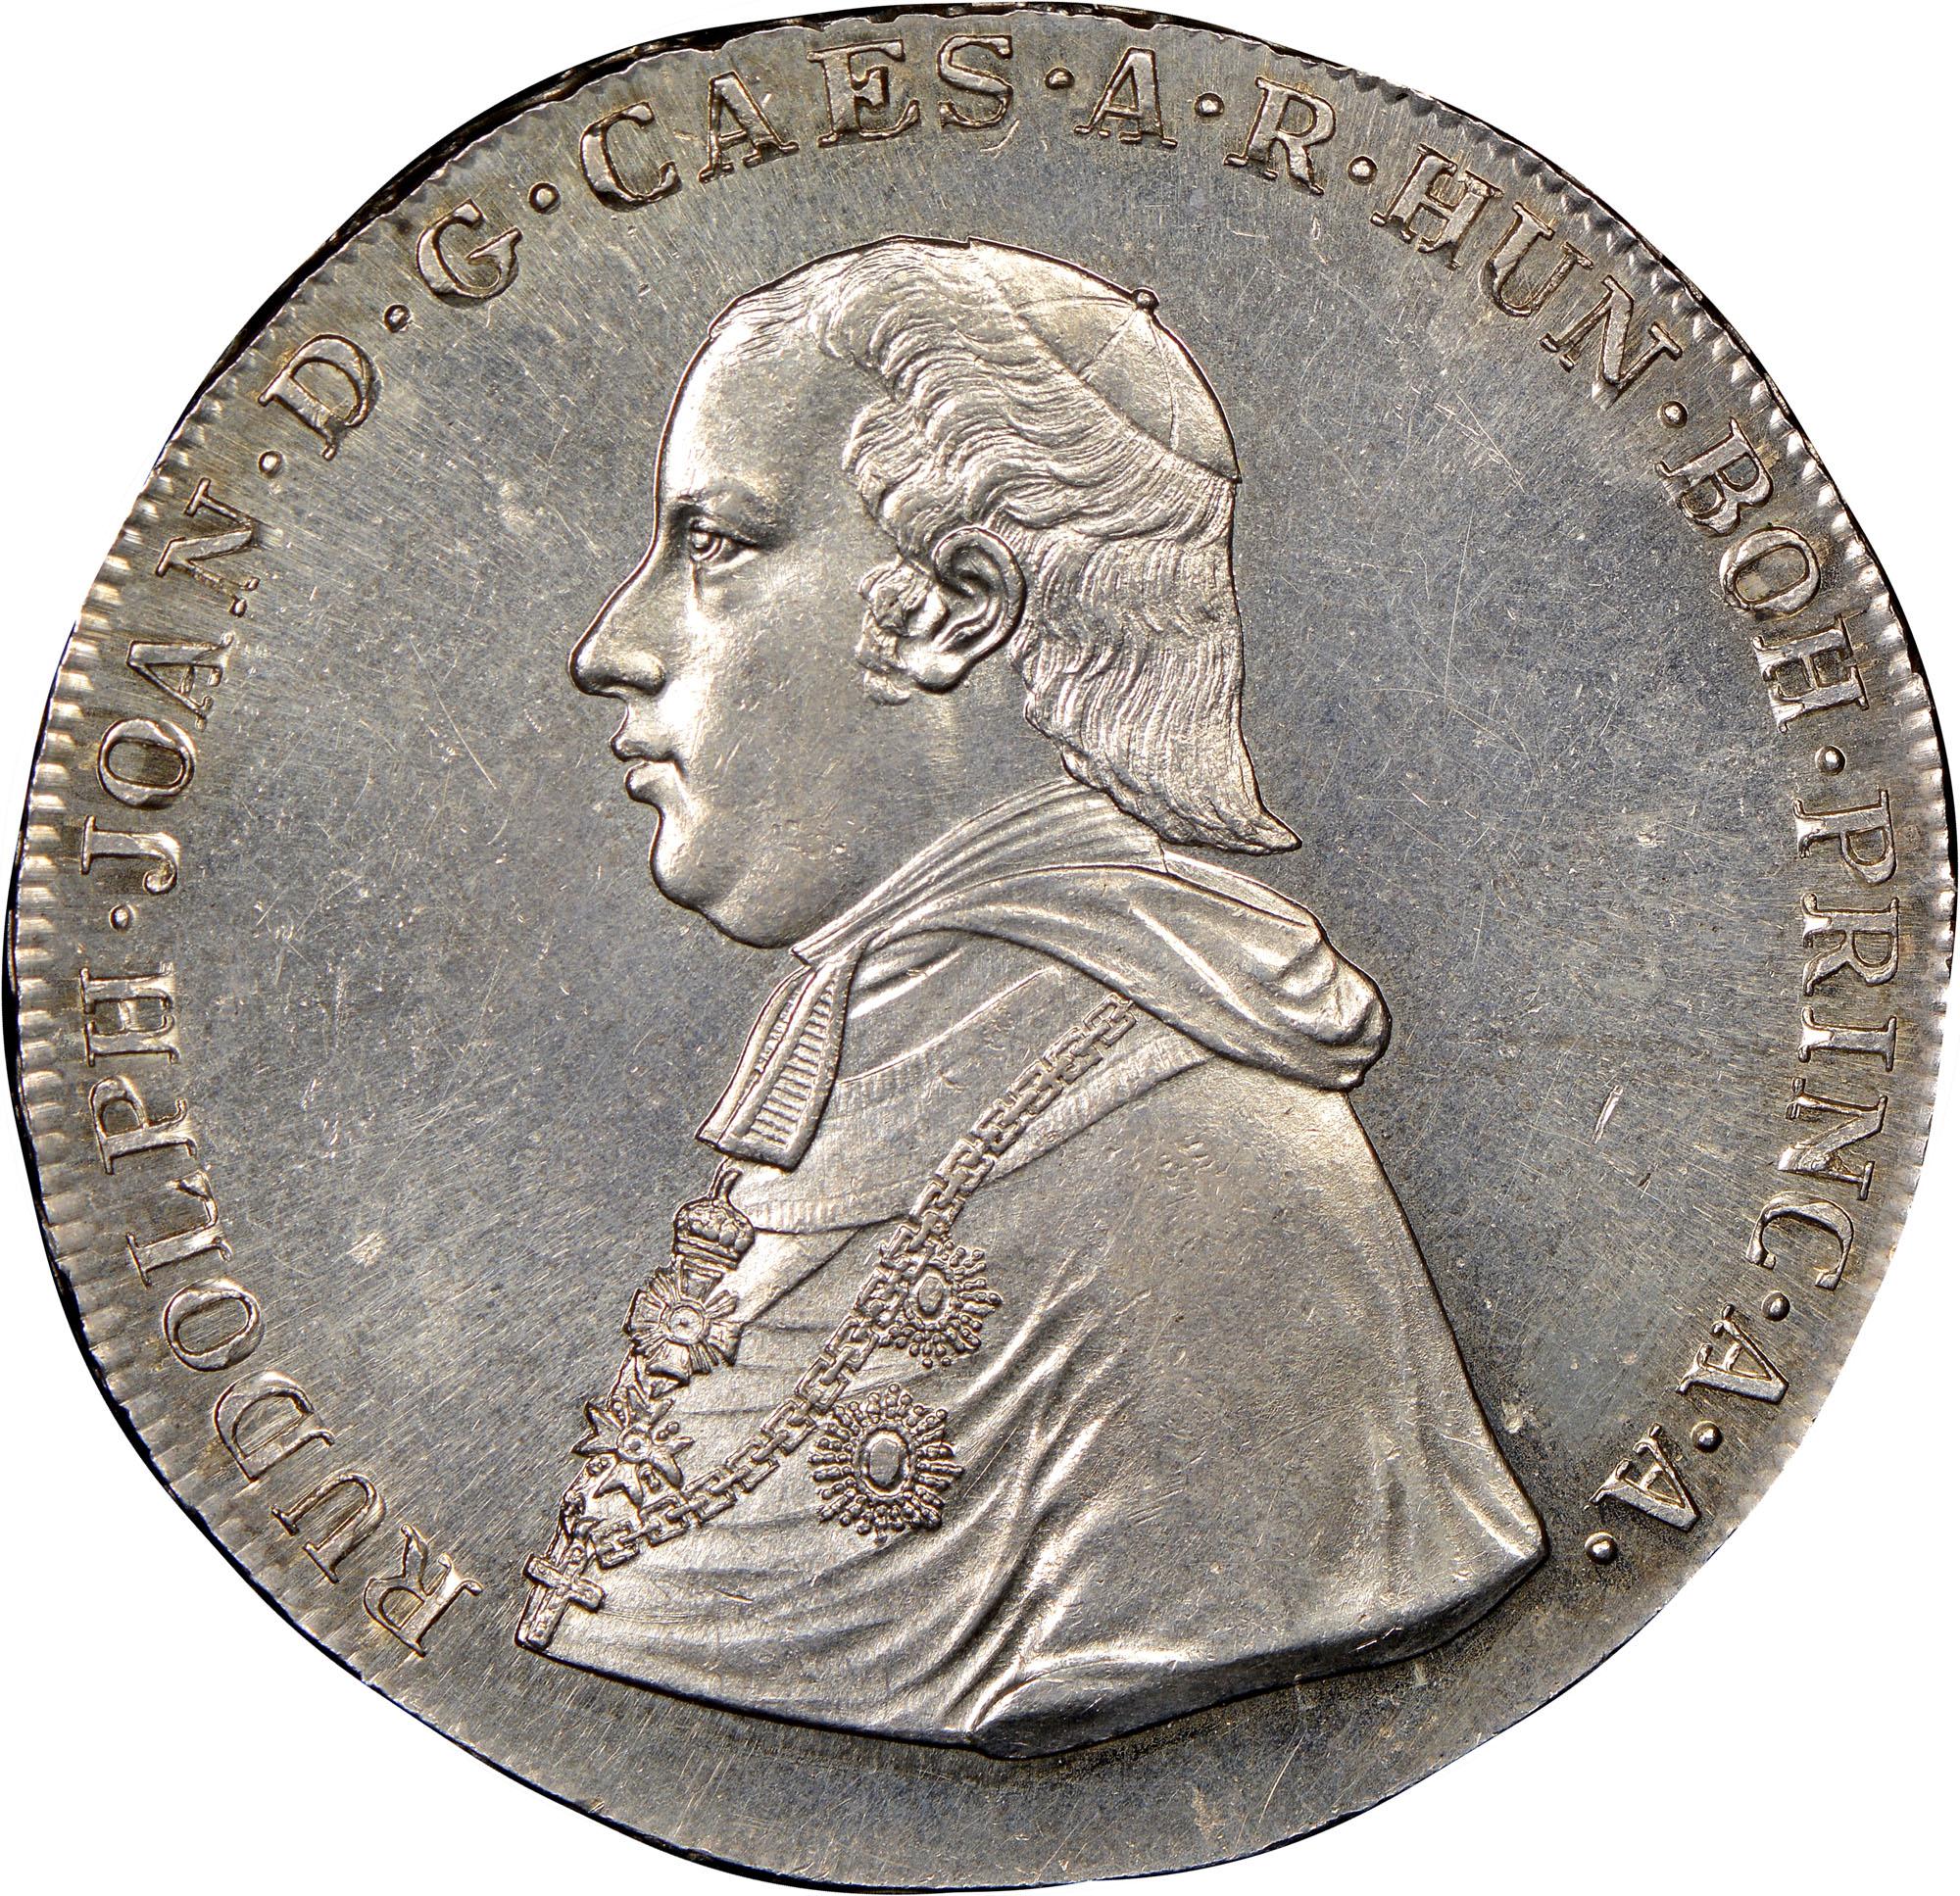 1820 Austrian States OLMUTZ Thaler obverse